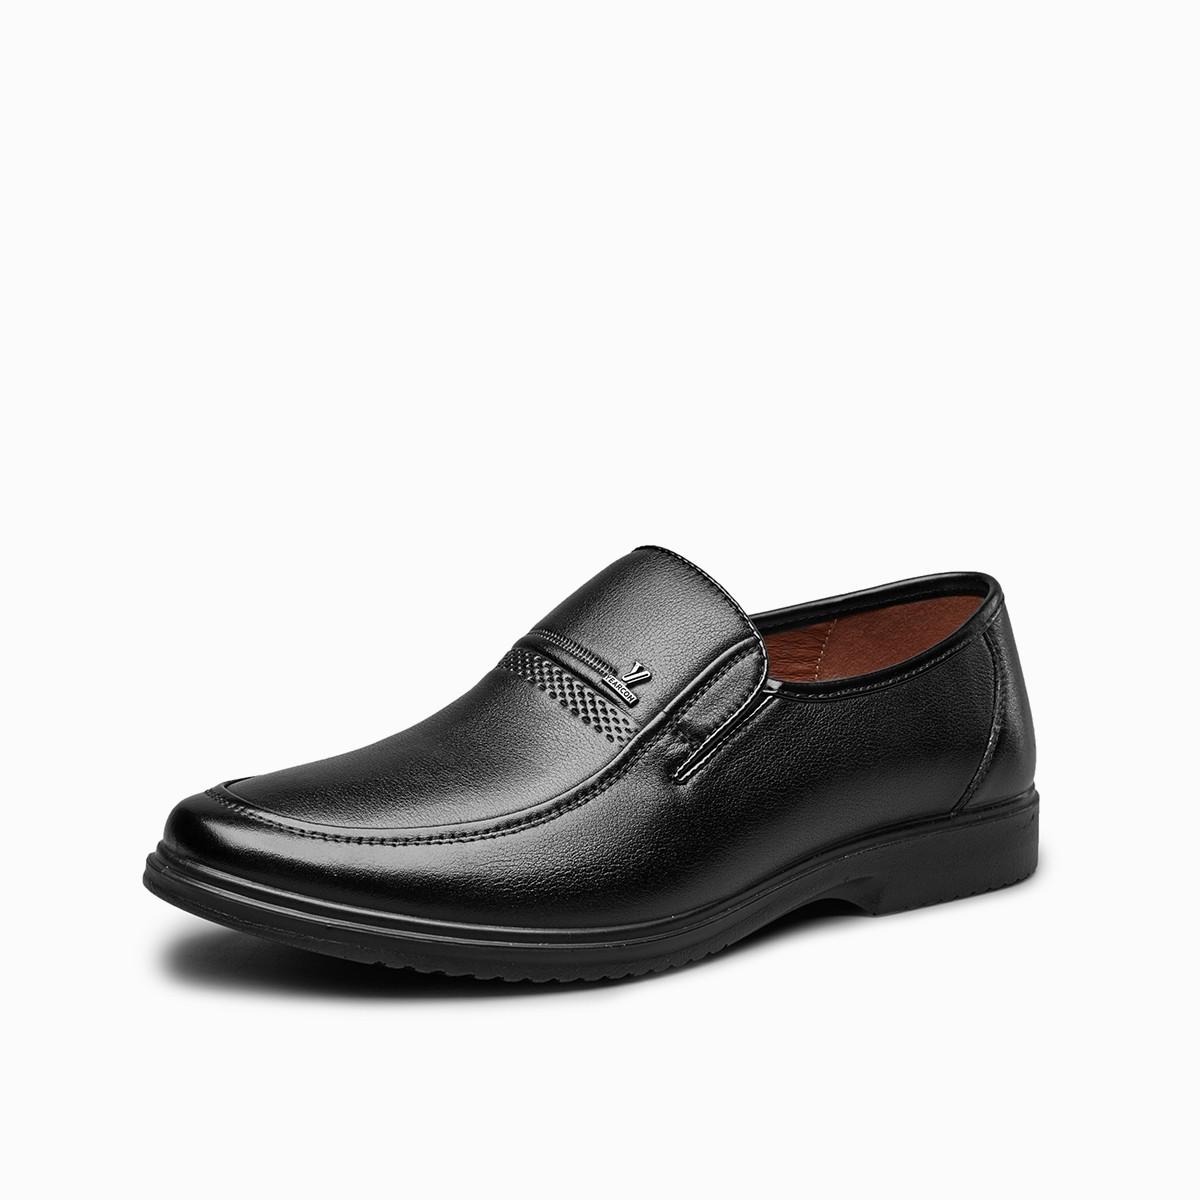 意尔康意尔康牛皮革便捷套脚一脚爸爸鞋皮鞋男士商务鞋男鞋7641AE97283W-10